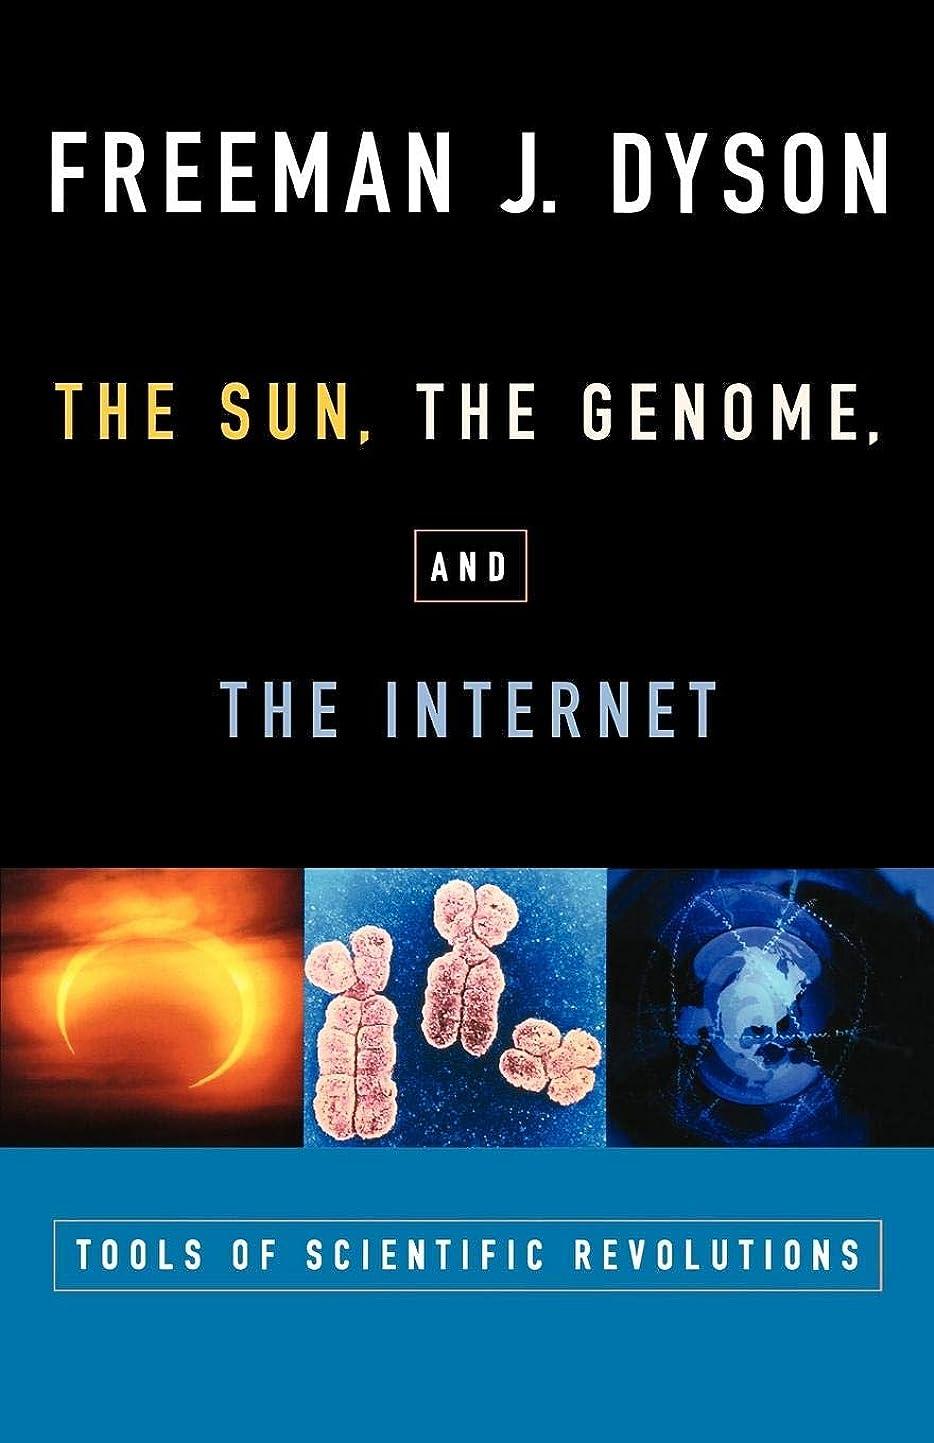 タールアメリカダイヤルThe Sun, the Genome, and the Internet: Tools of Scientific Revolutions (New York Public Library Lectures in Humanities)